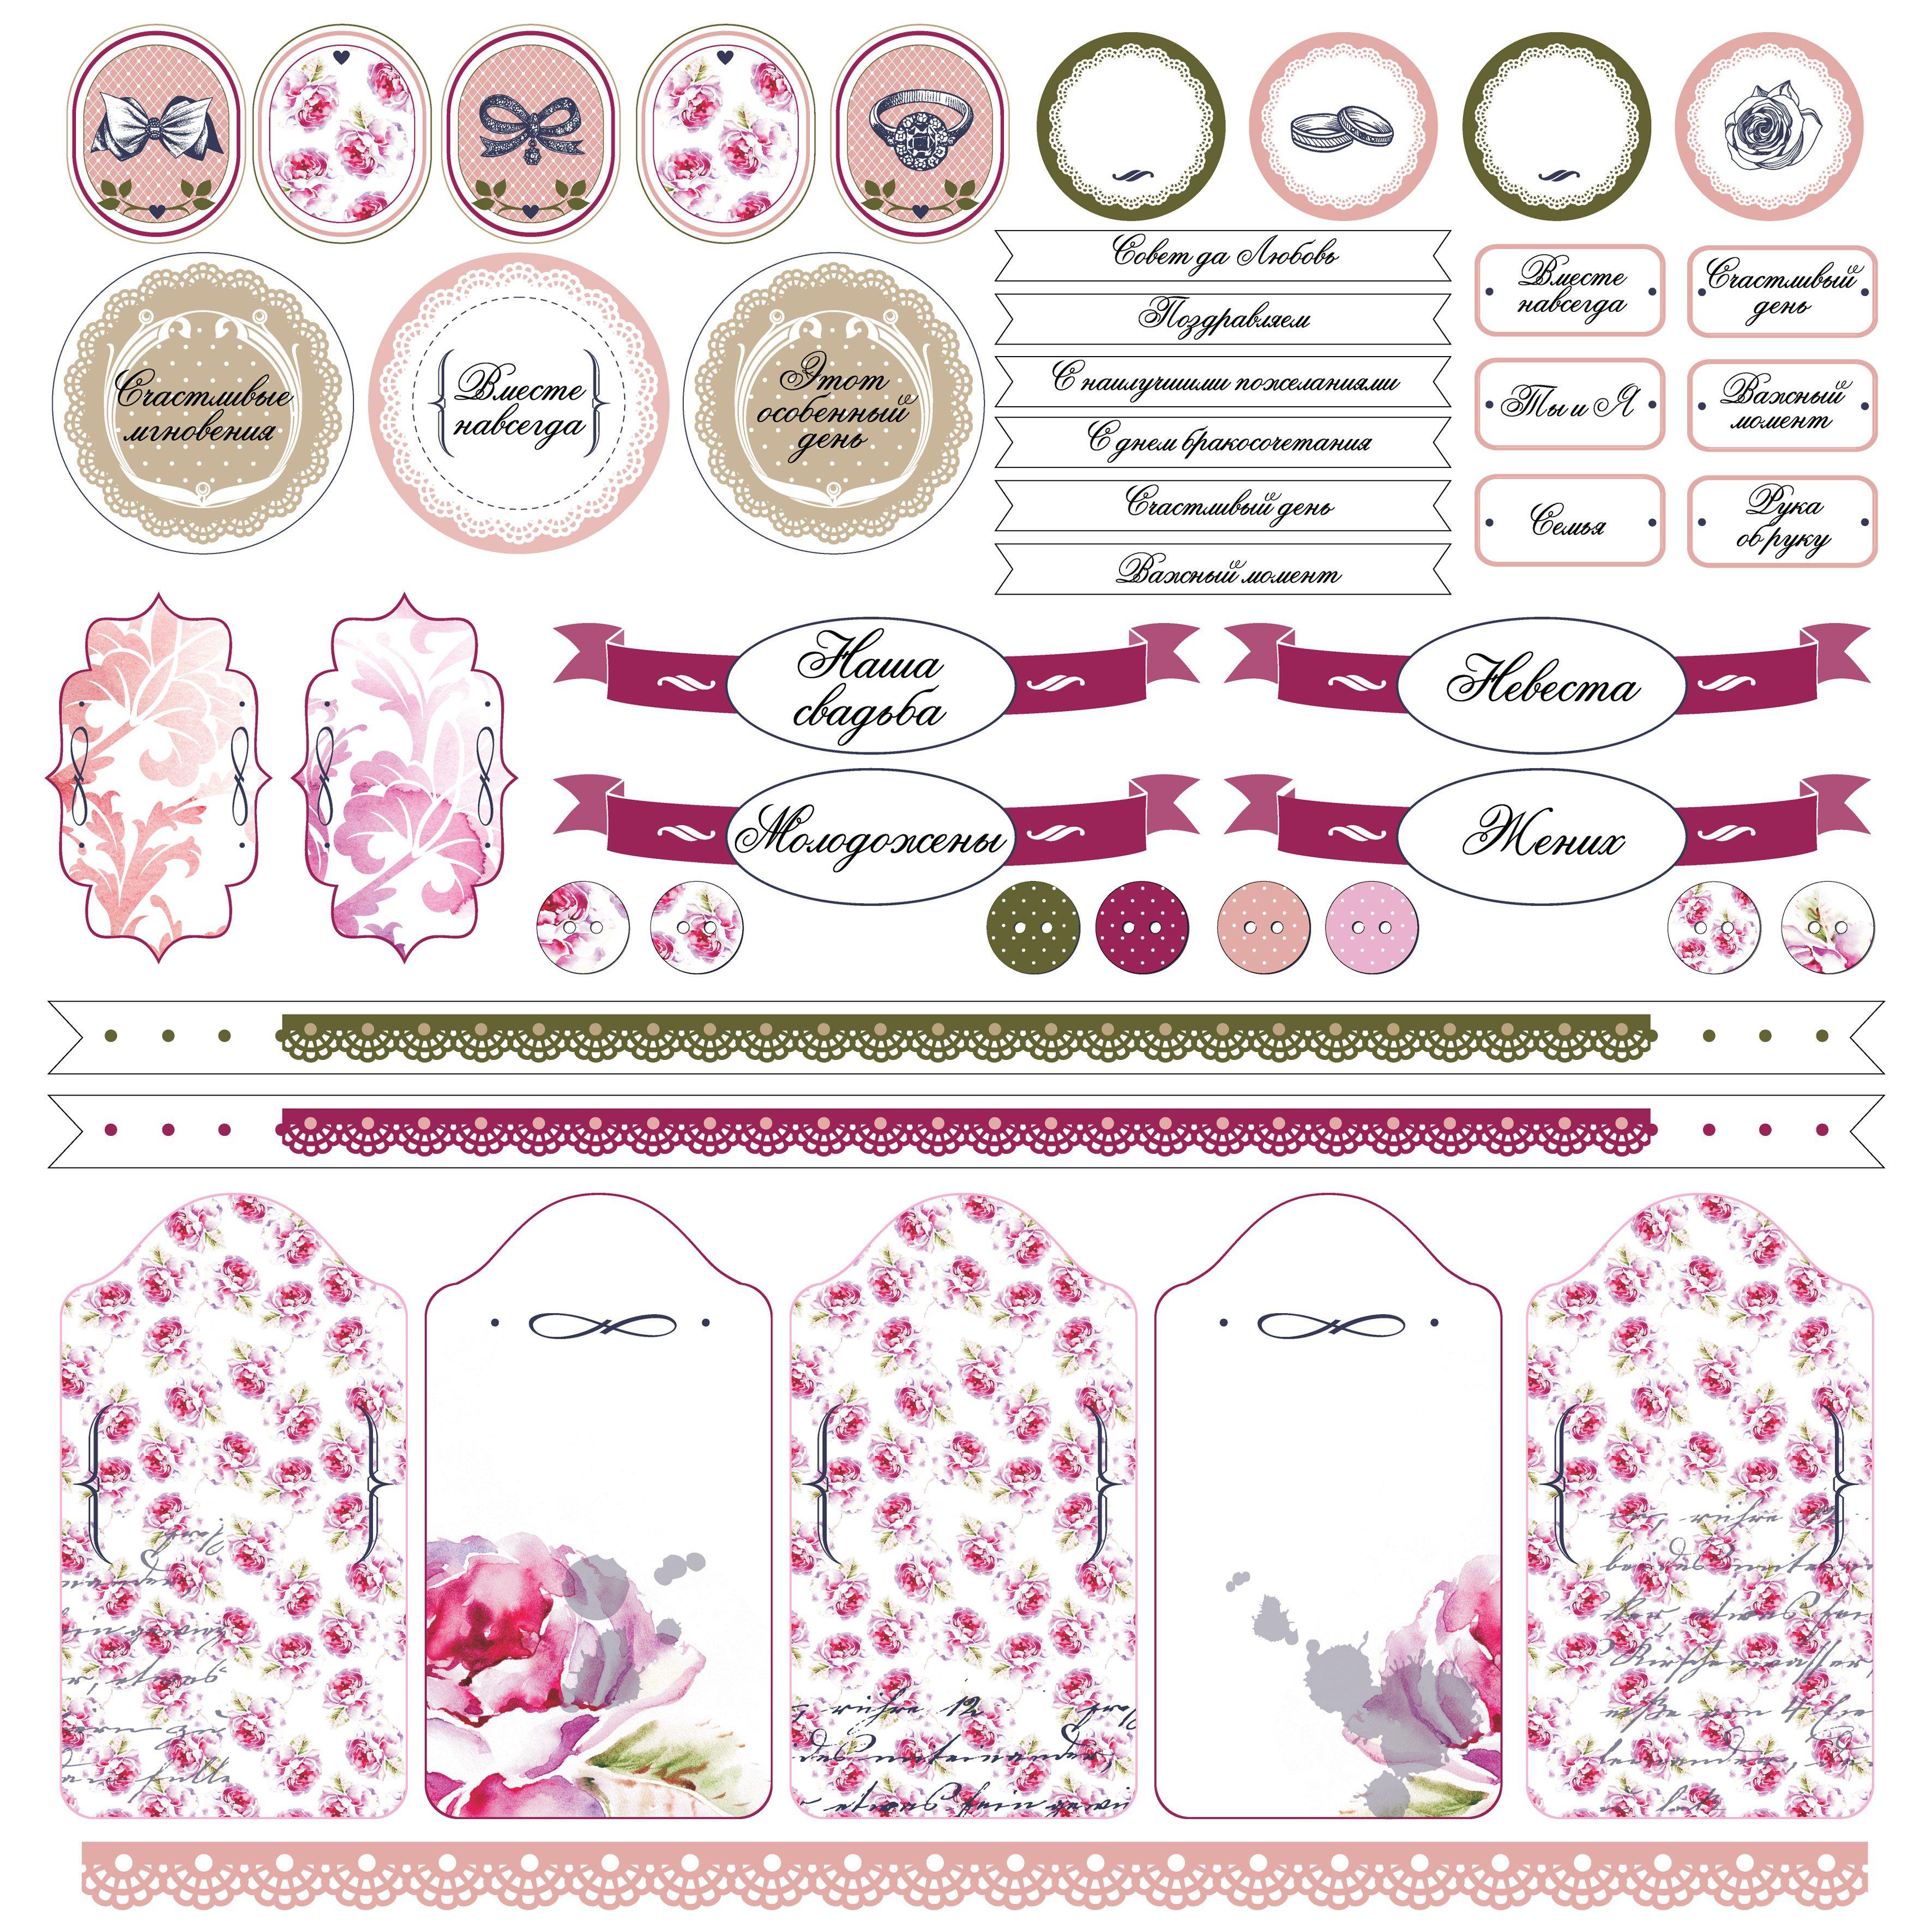 Века, надписи на открытки для скрапбукинга цветные